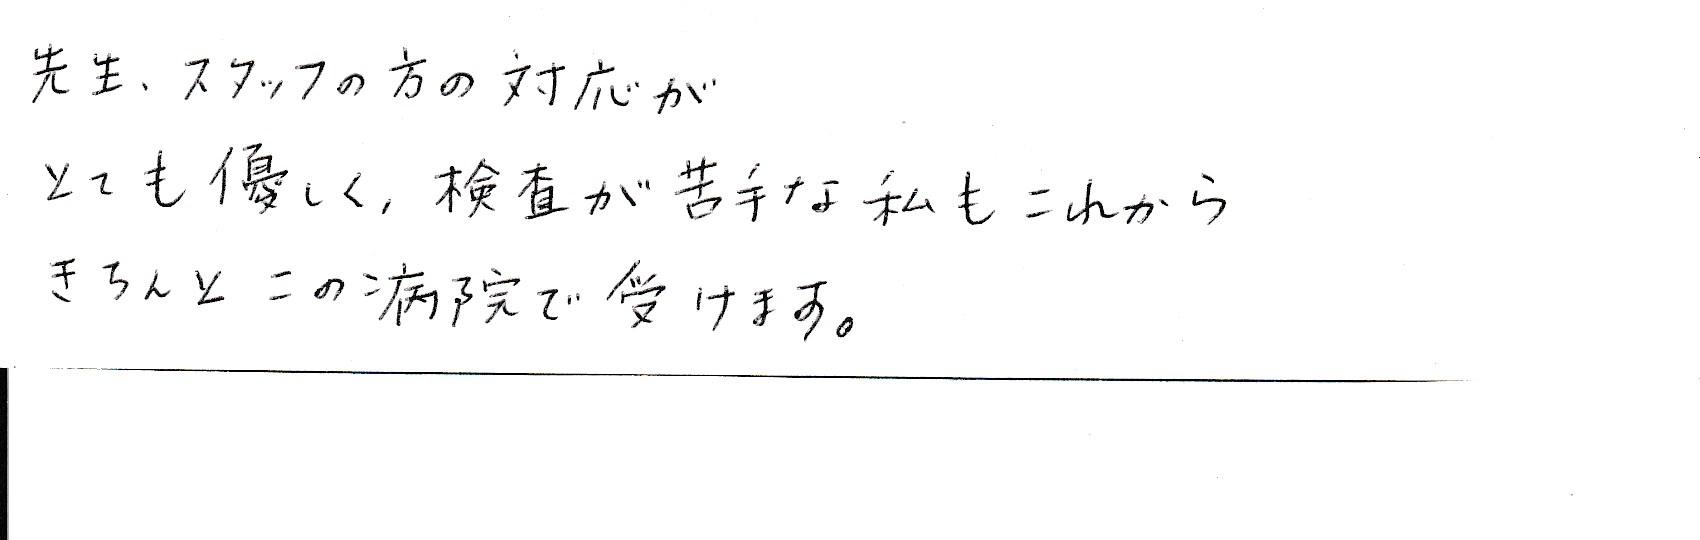 内視鏡検査アンケート13